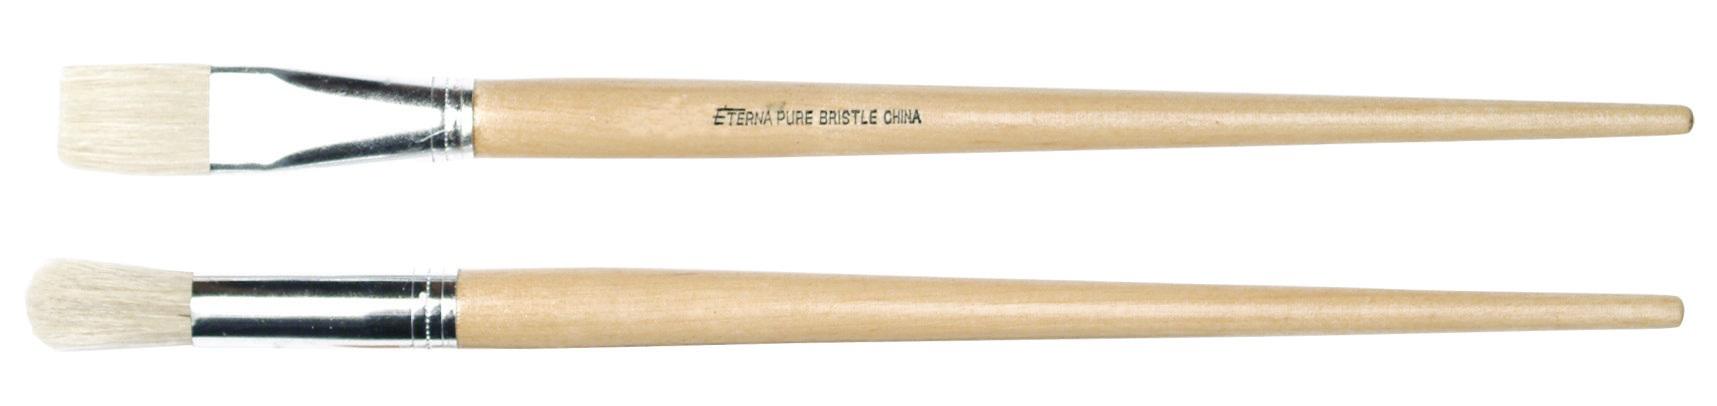 No.3 Round Hog Brush